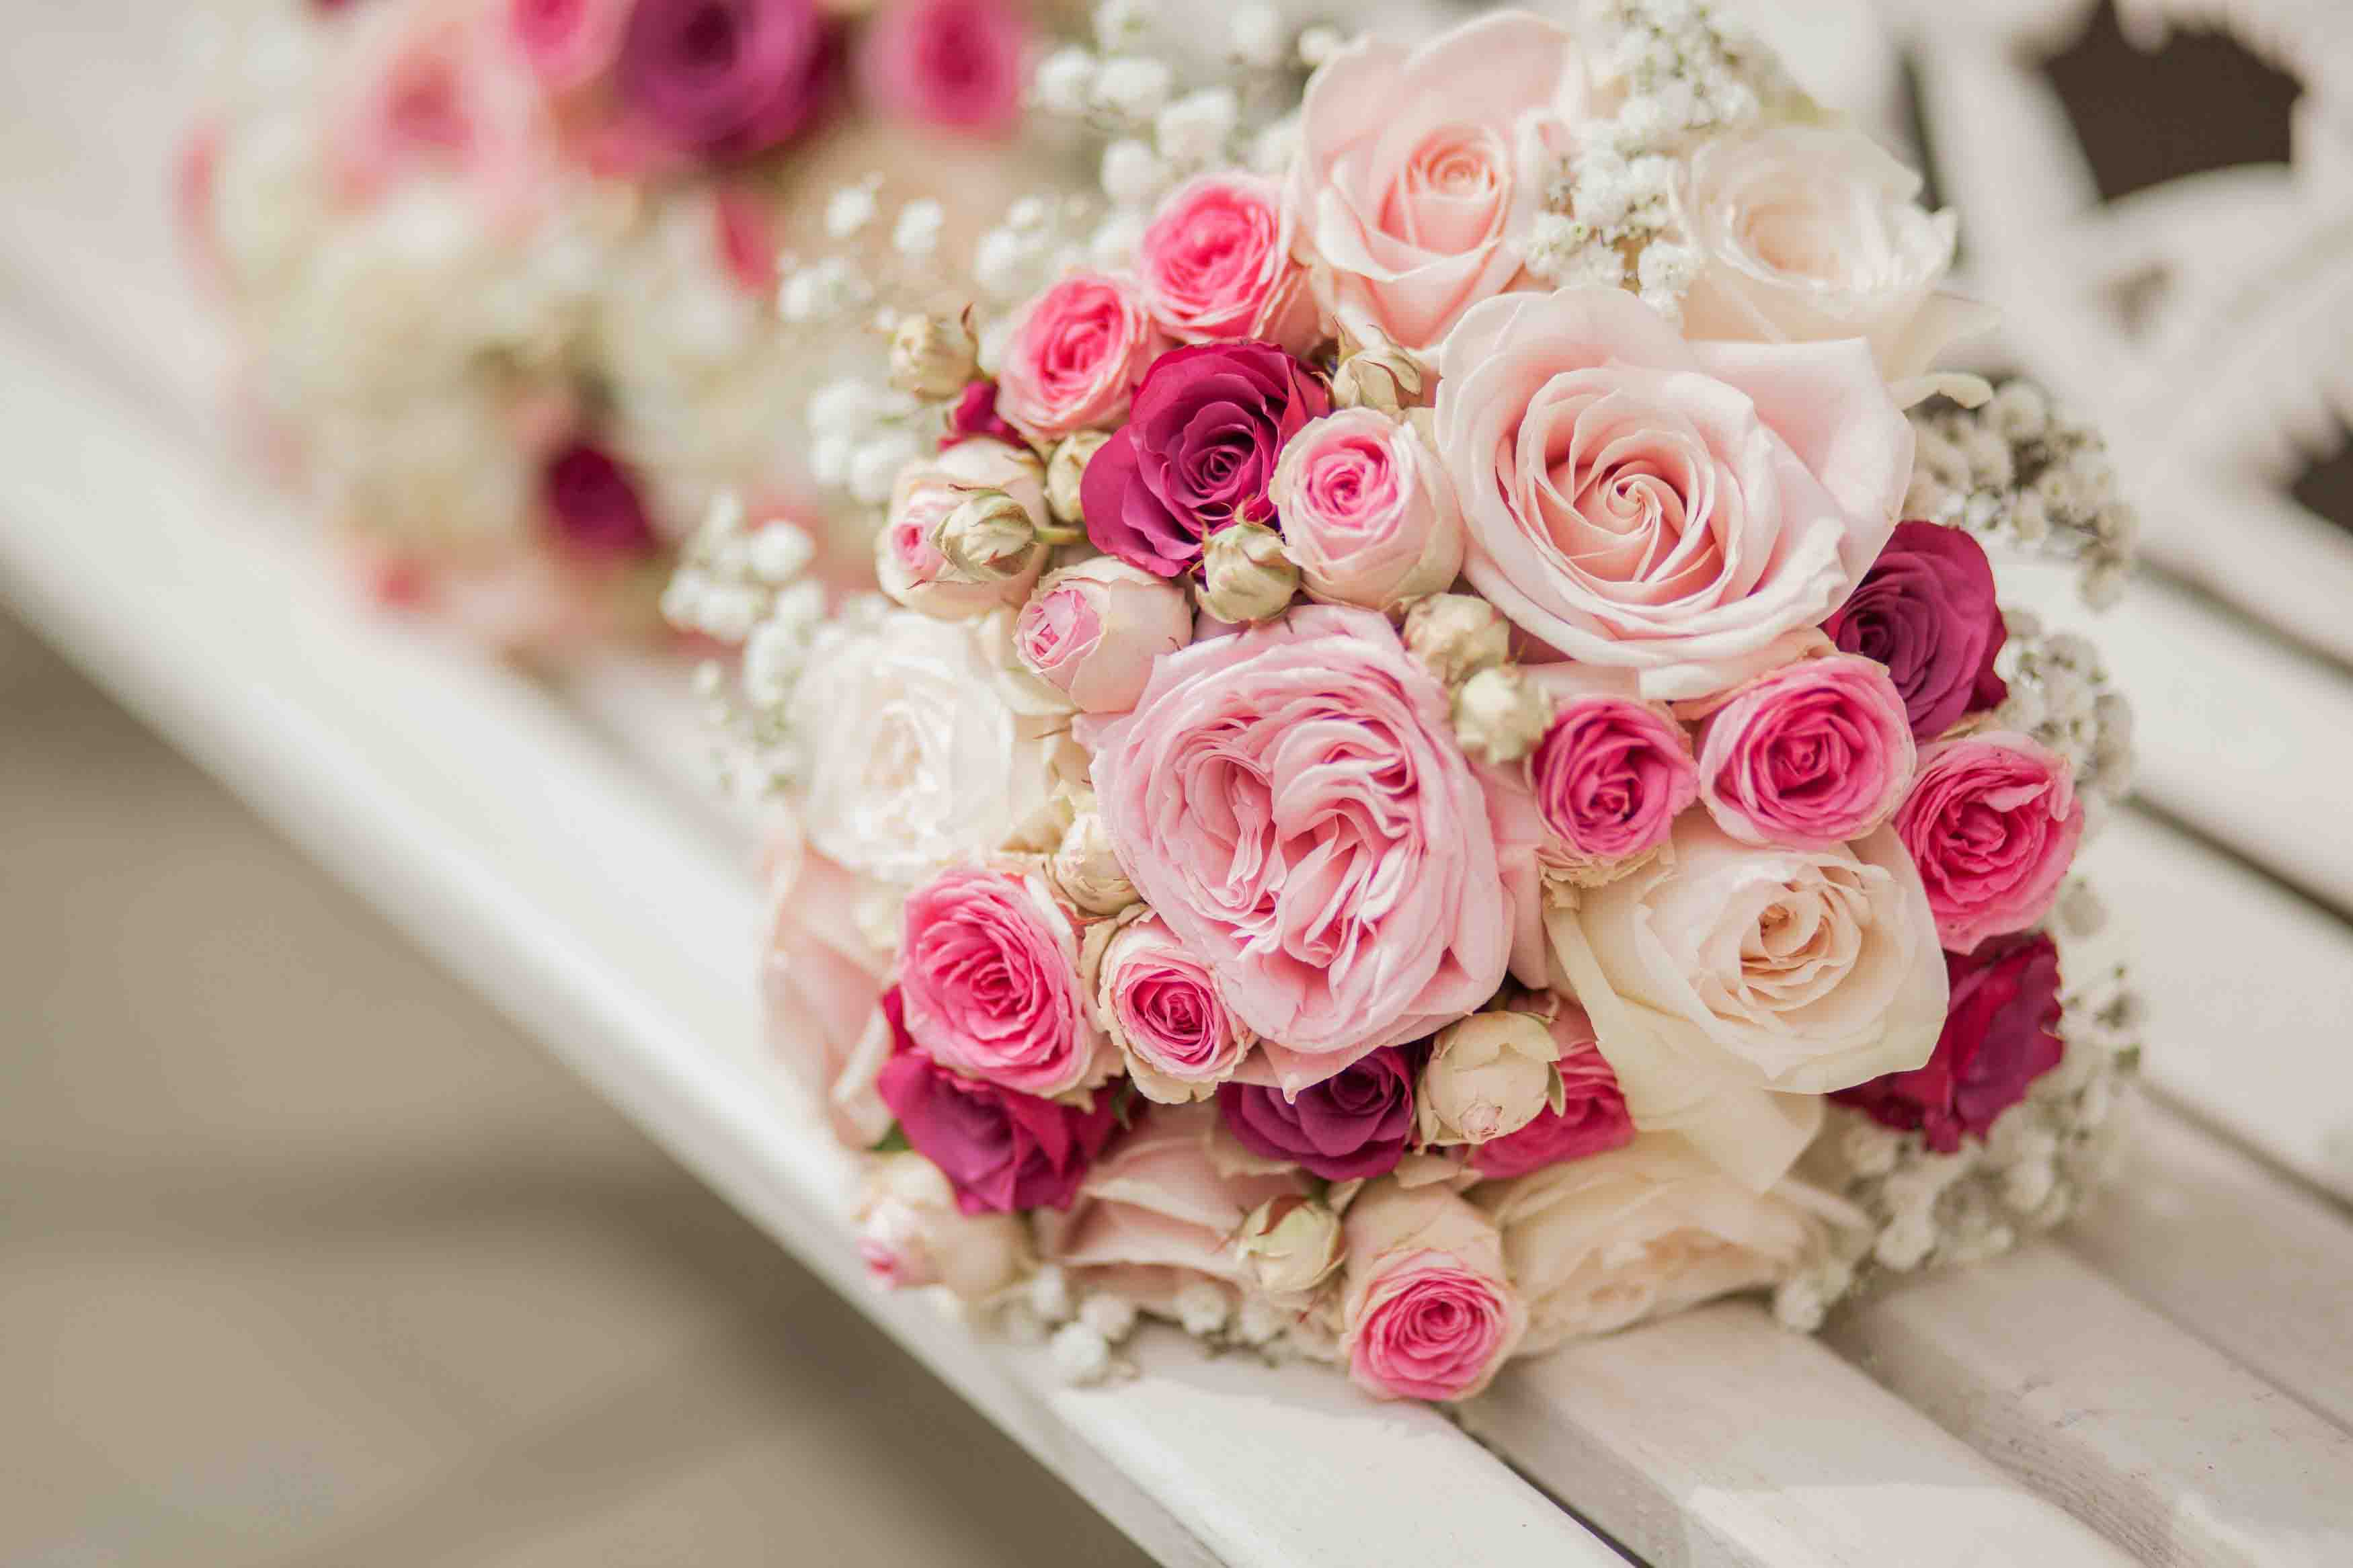 Màu hồng mộng mơ, lãng mạn và dịu dàng